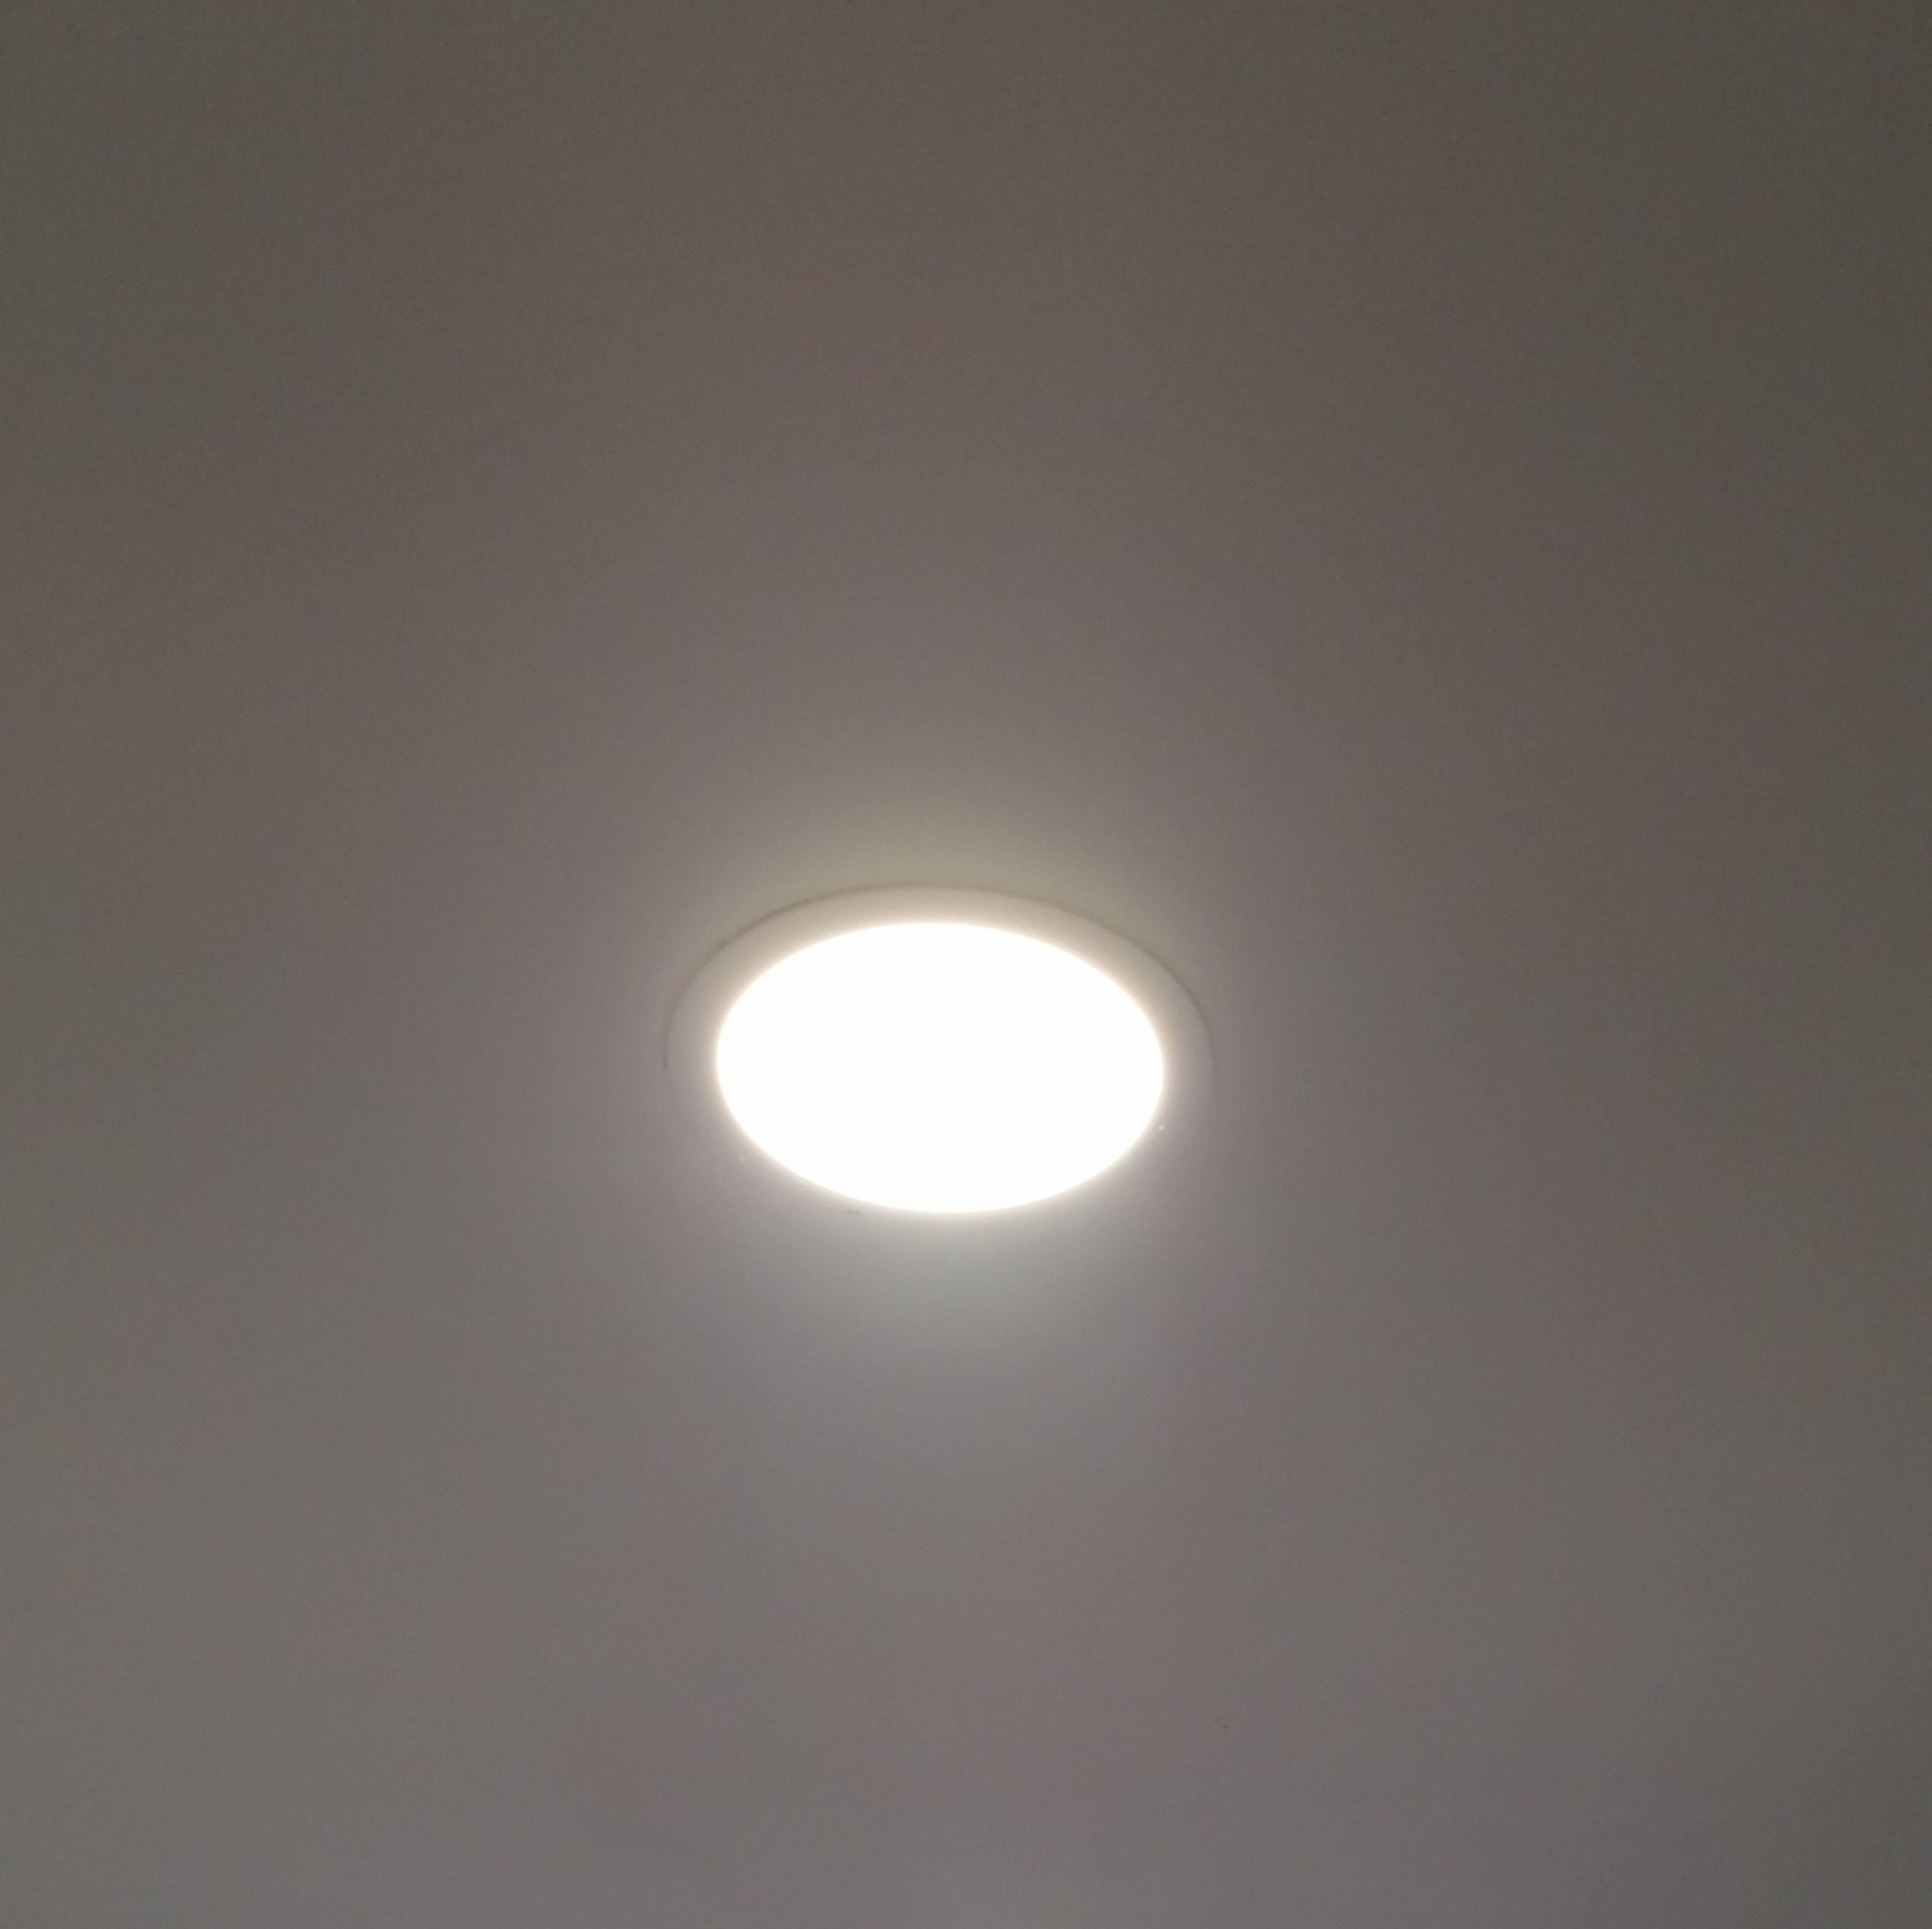 Foto 12 de Electricidad en Urduliz | Karraia Electricidad